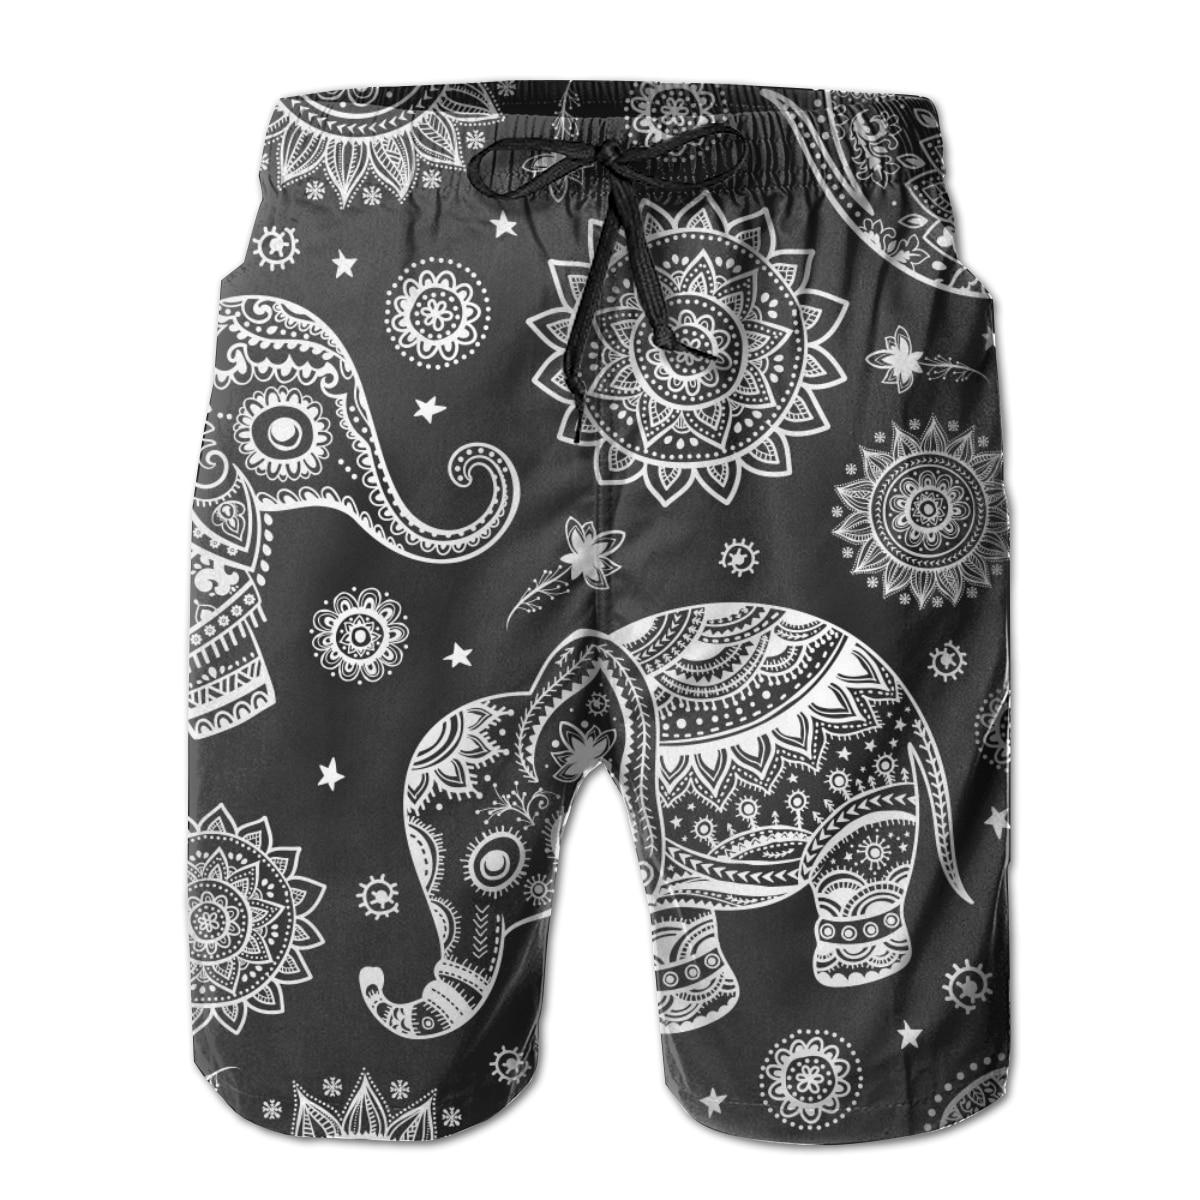 Bañadores cortos, bañador indio con elefante étnico de loto, bañador Tribal africano para hombre, ropa de playa, pantalones cortos, bermudas